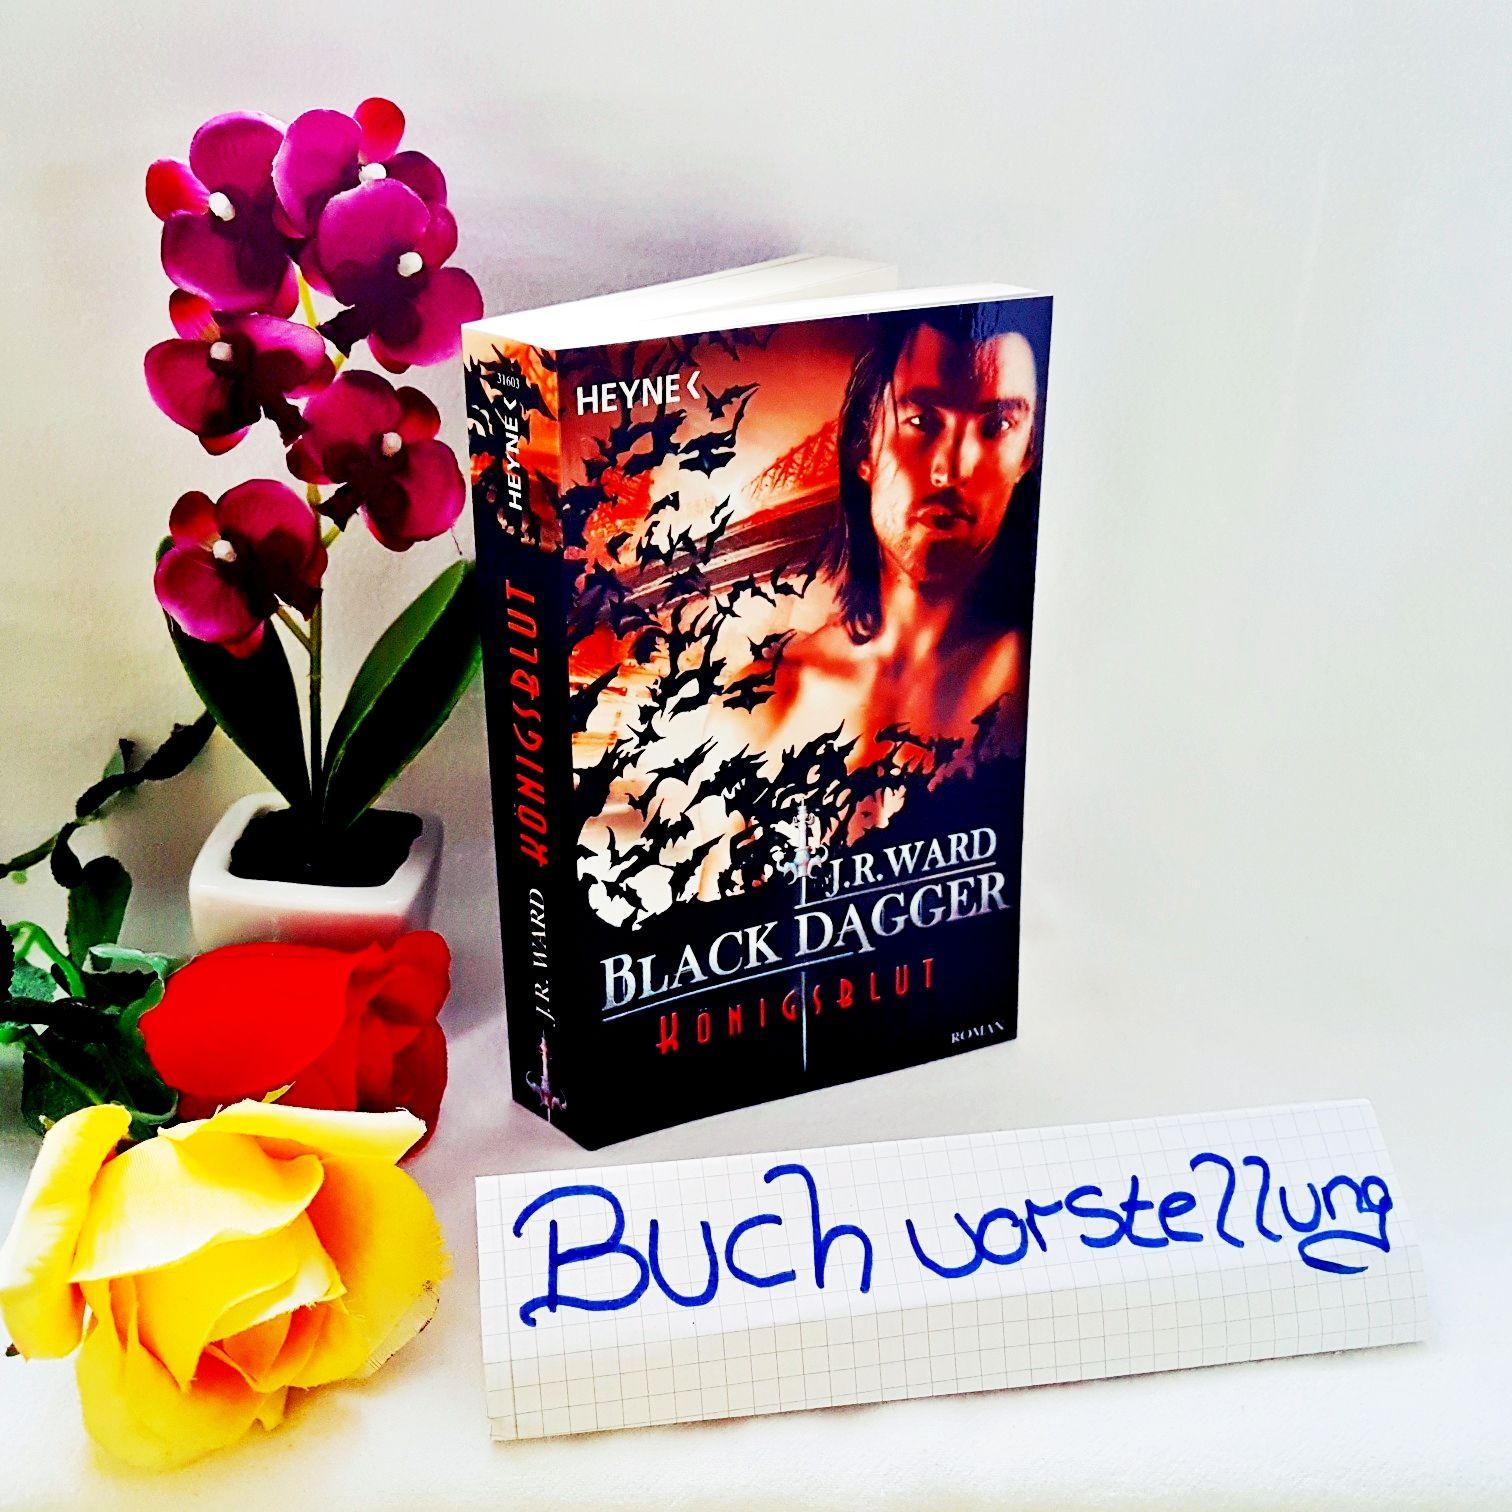 Black Dagger Königsblut von J.R.Ward